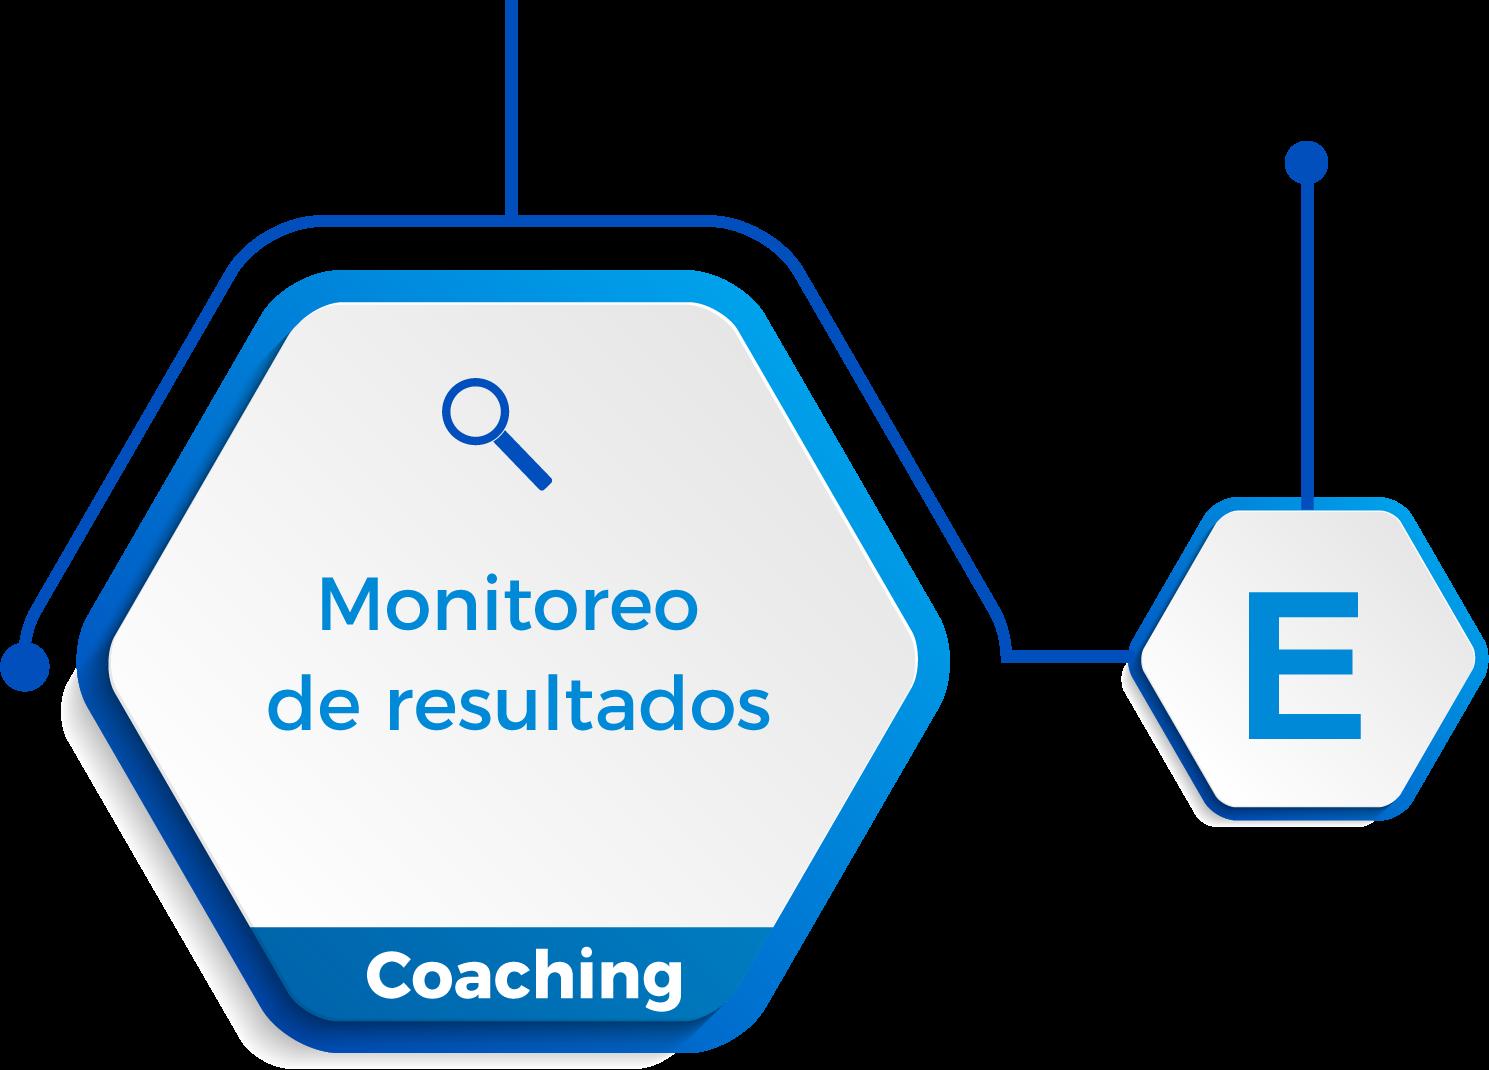 Monitoreo de resultados